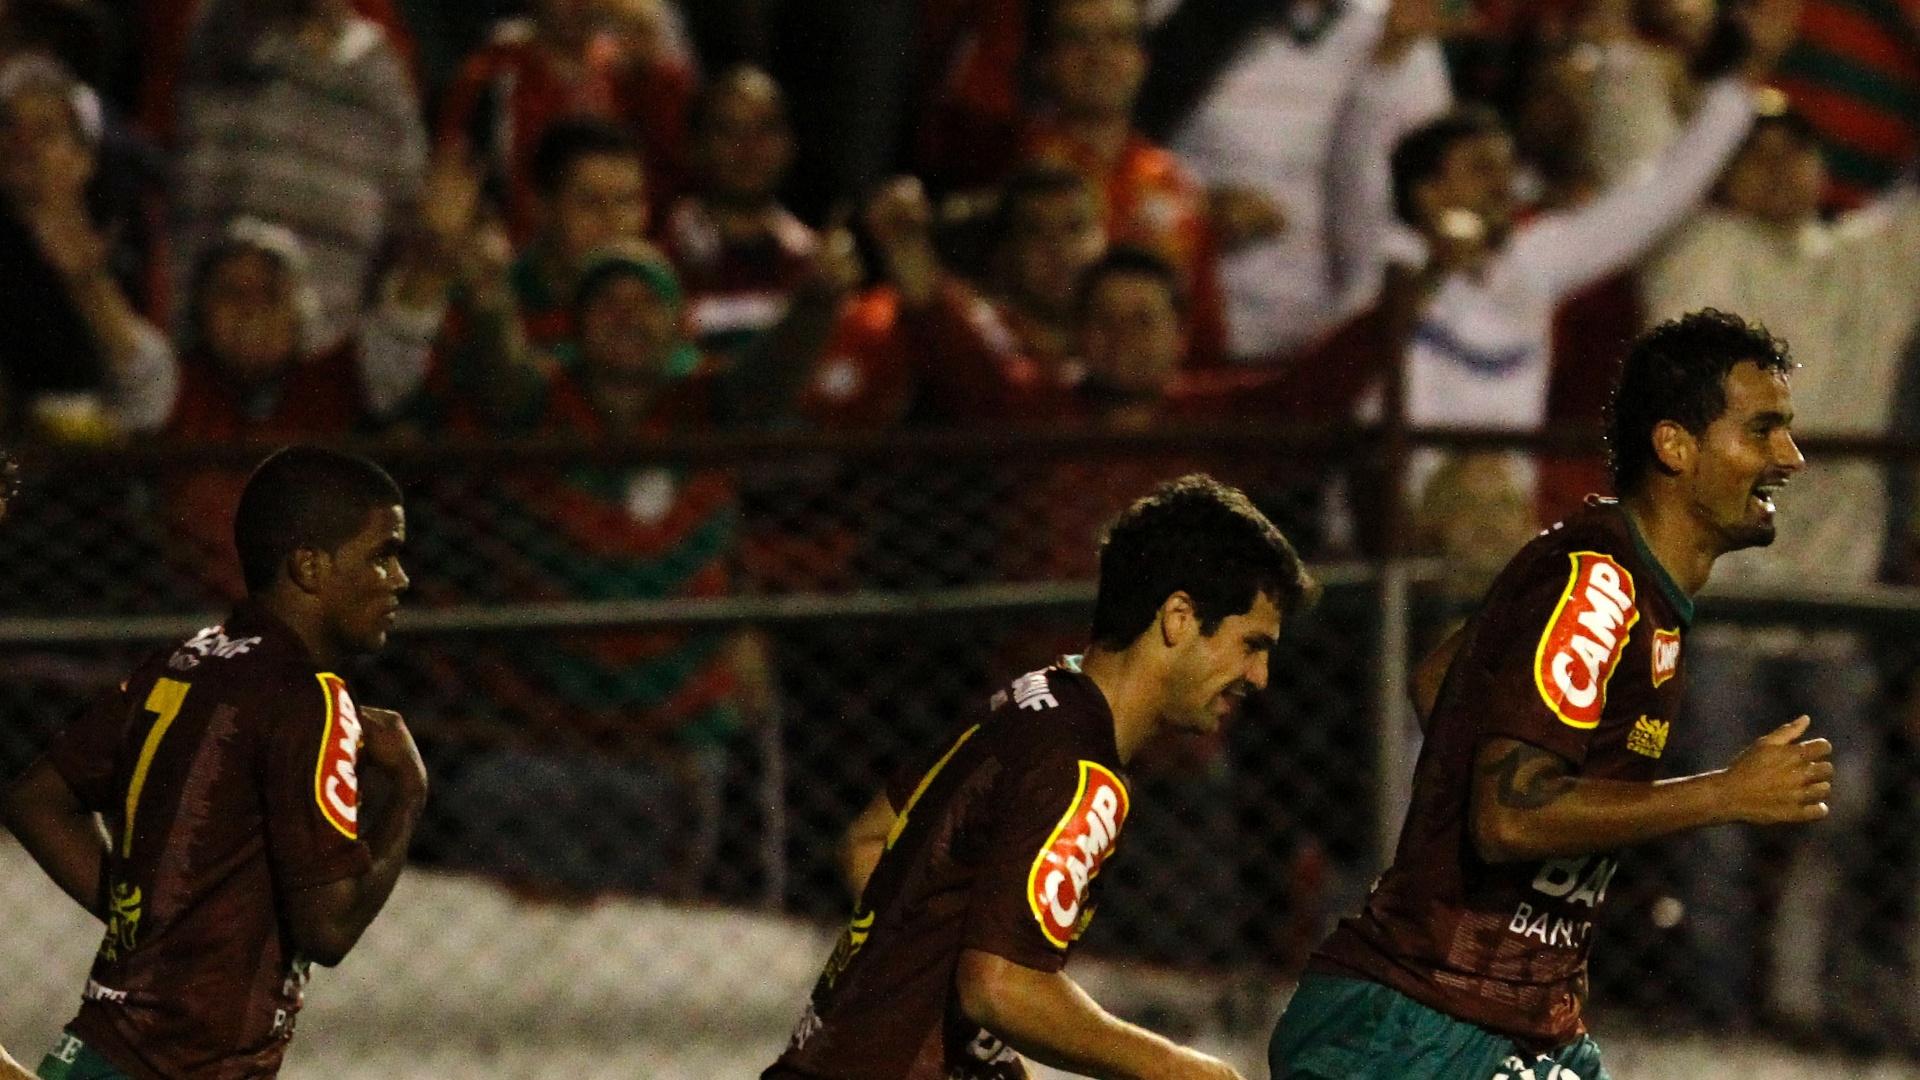 Jogadores da Portuguesa comemoram gol no triunfo sobre o Vitória no Canindé